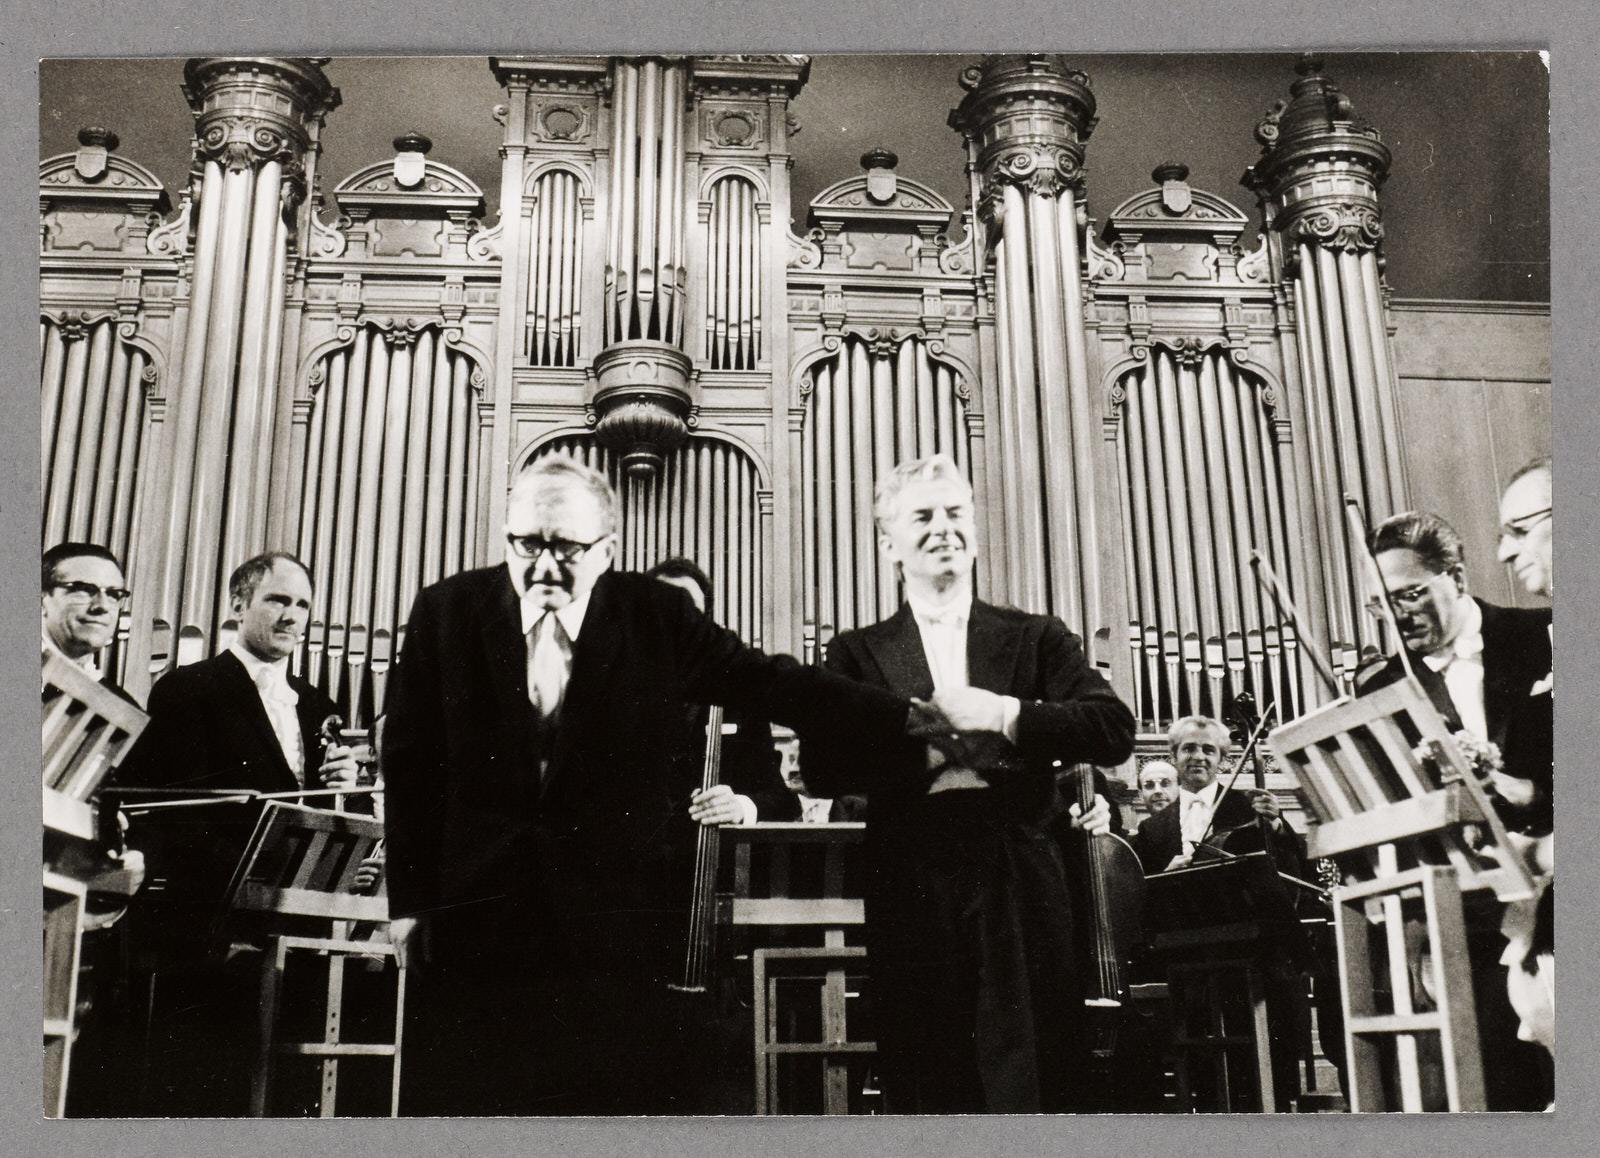 Schostakowitsch und Karajan, nach dem Konzert am 29.05.1969 • Foto Reinhard Friedrich / Archiv Berliner Philharmoniker